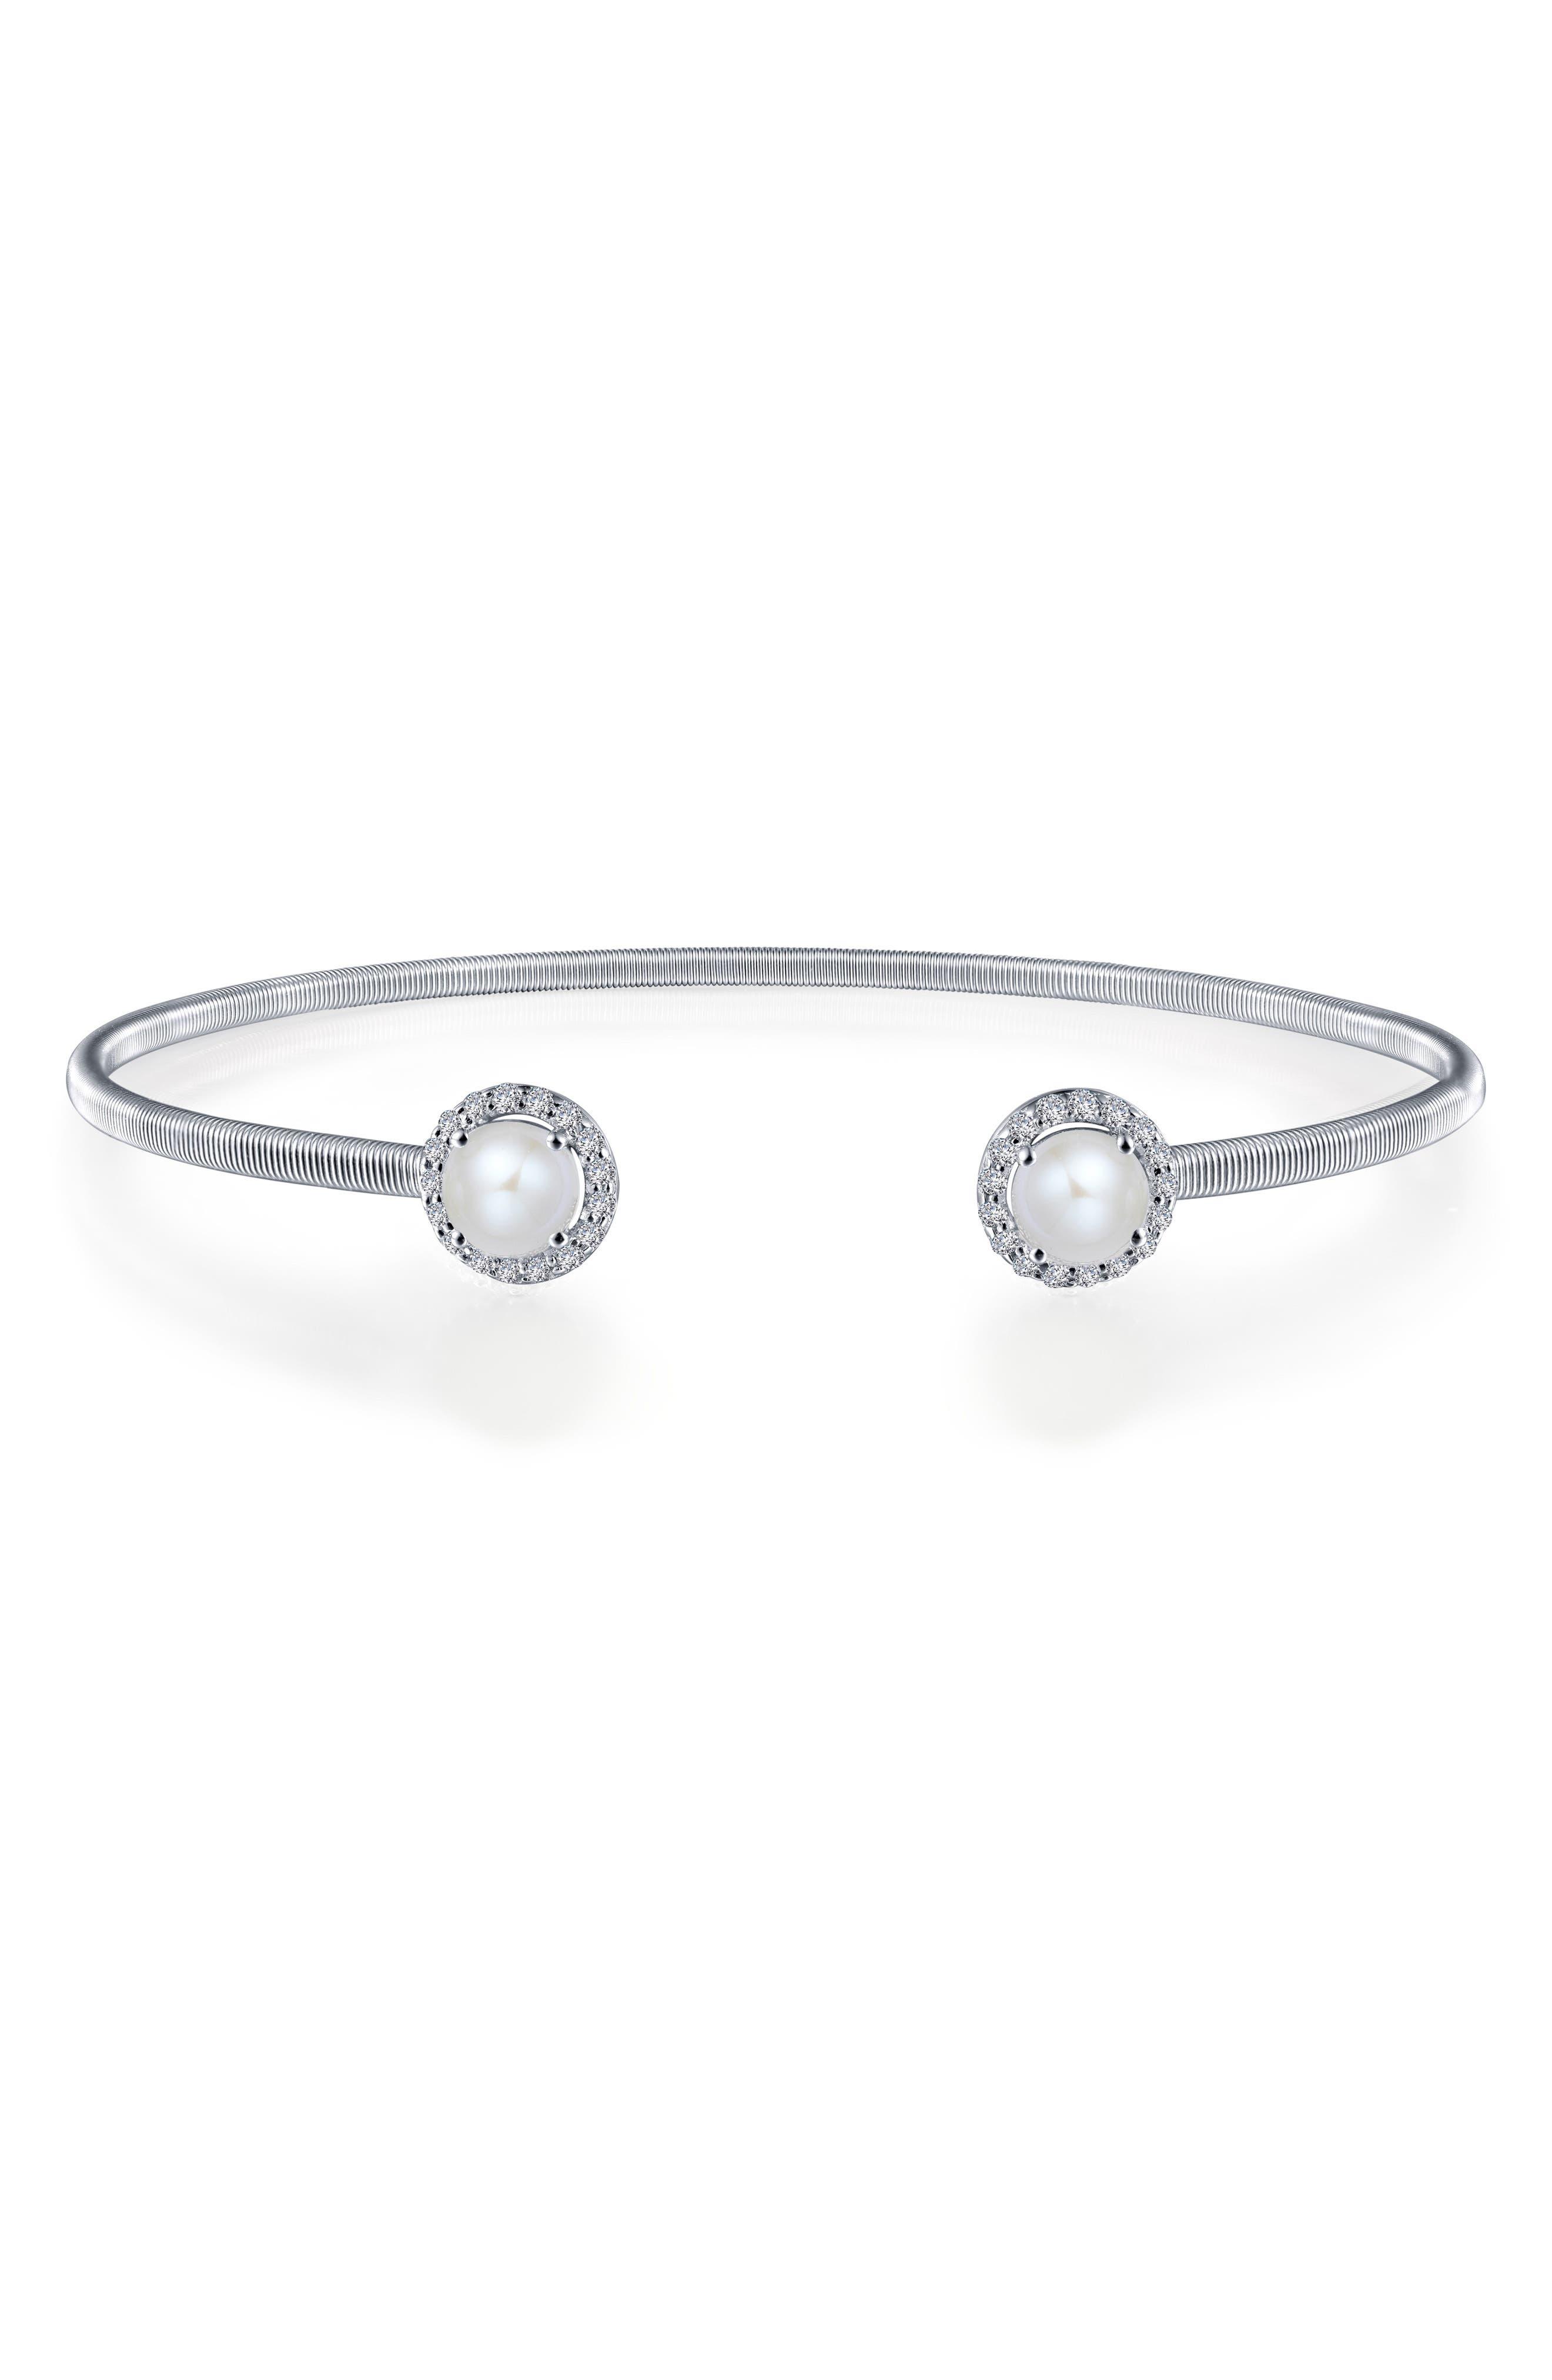 Main Image - Lafonn Lassaire Simulated Diamond Cuff